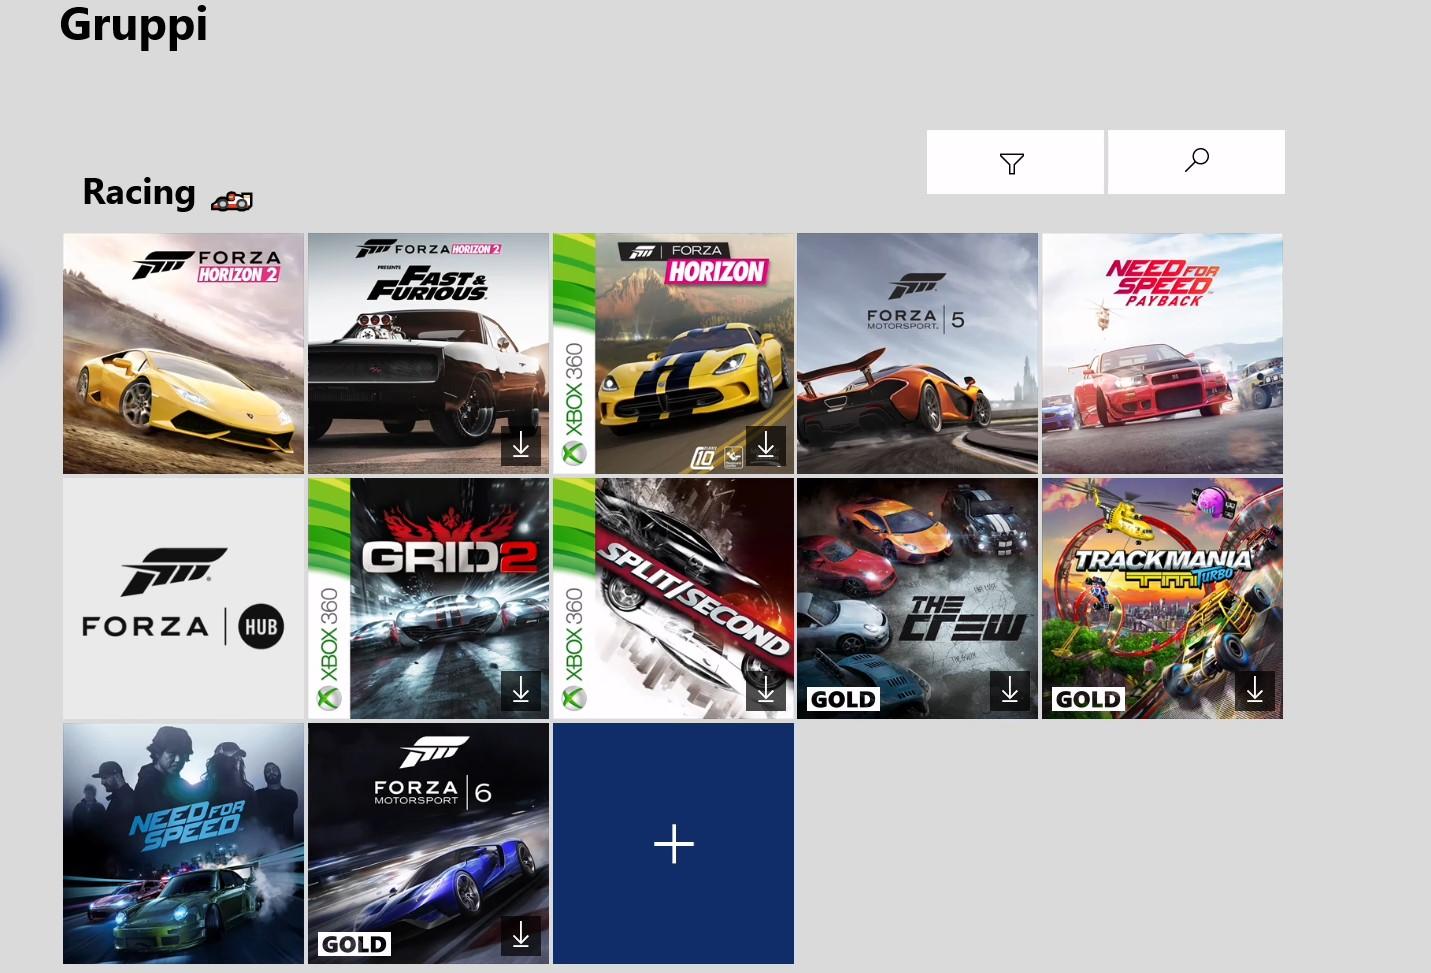 Xbox One aggiornamento di giugno 2020 tag per la provenienza dei giochi